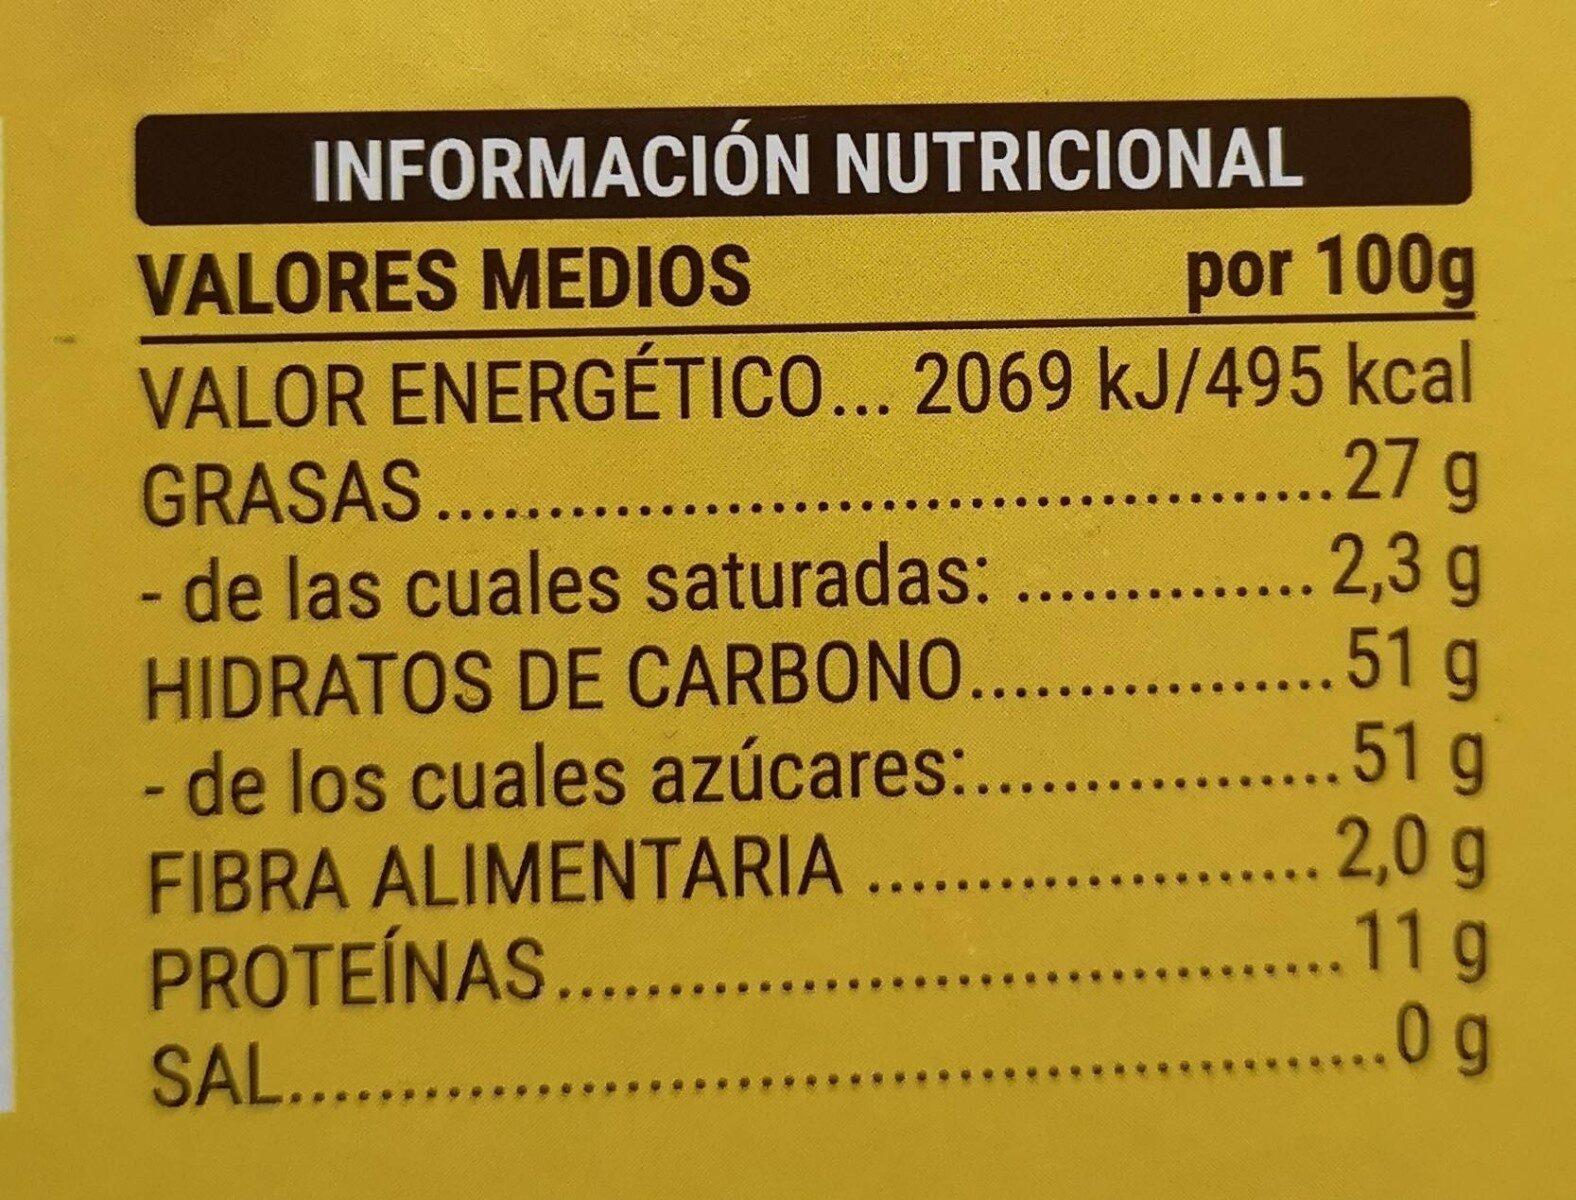 Turron de yema tostada - Información nutricional - es